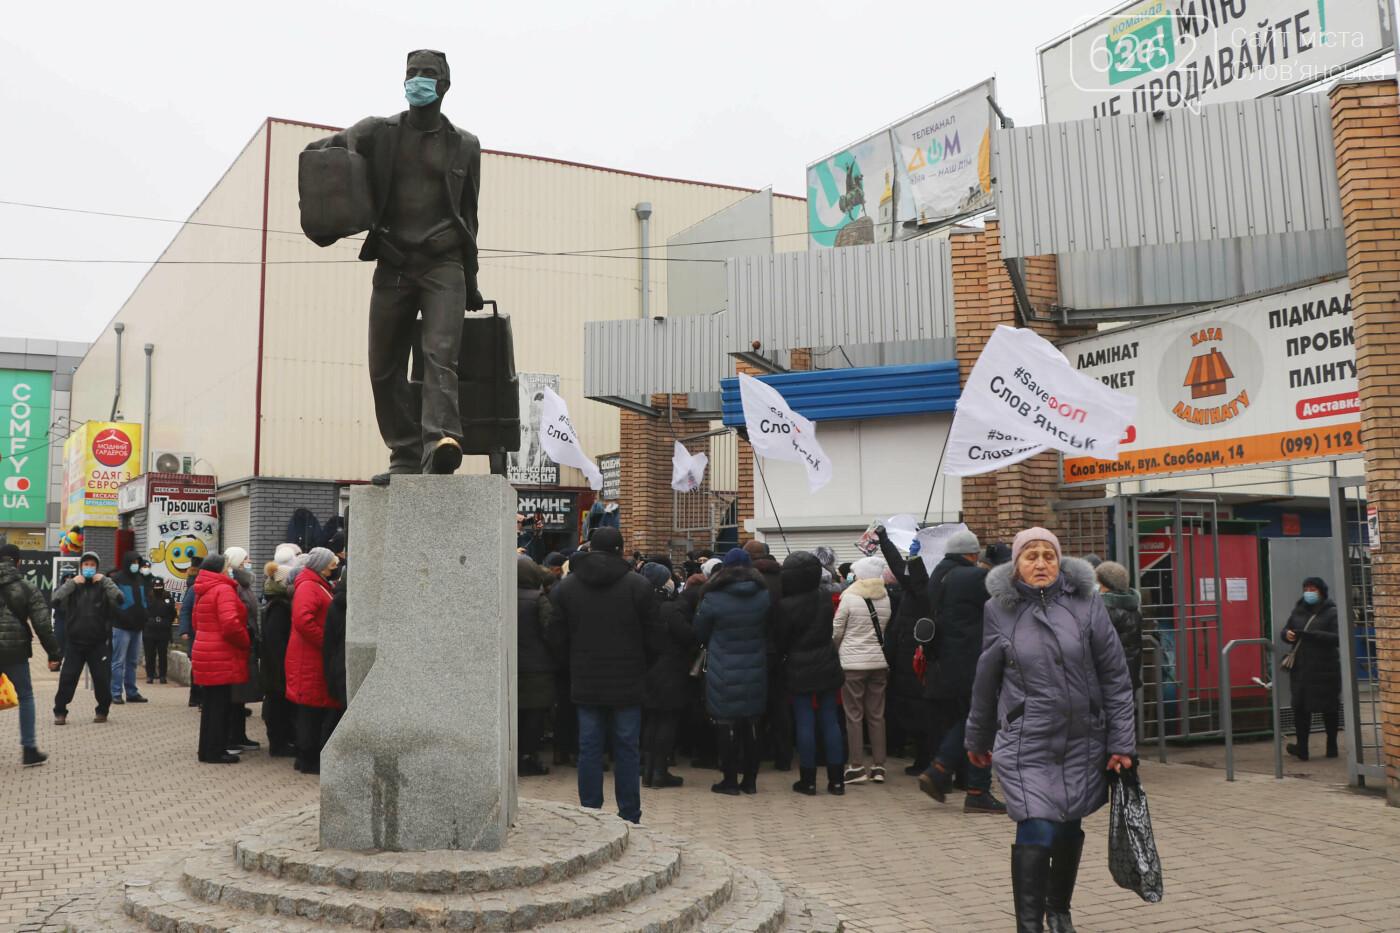 Save ФОП: у Слов'янську підприємці вийшли на мітинг - ФОТО, фото-10